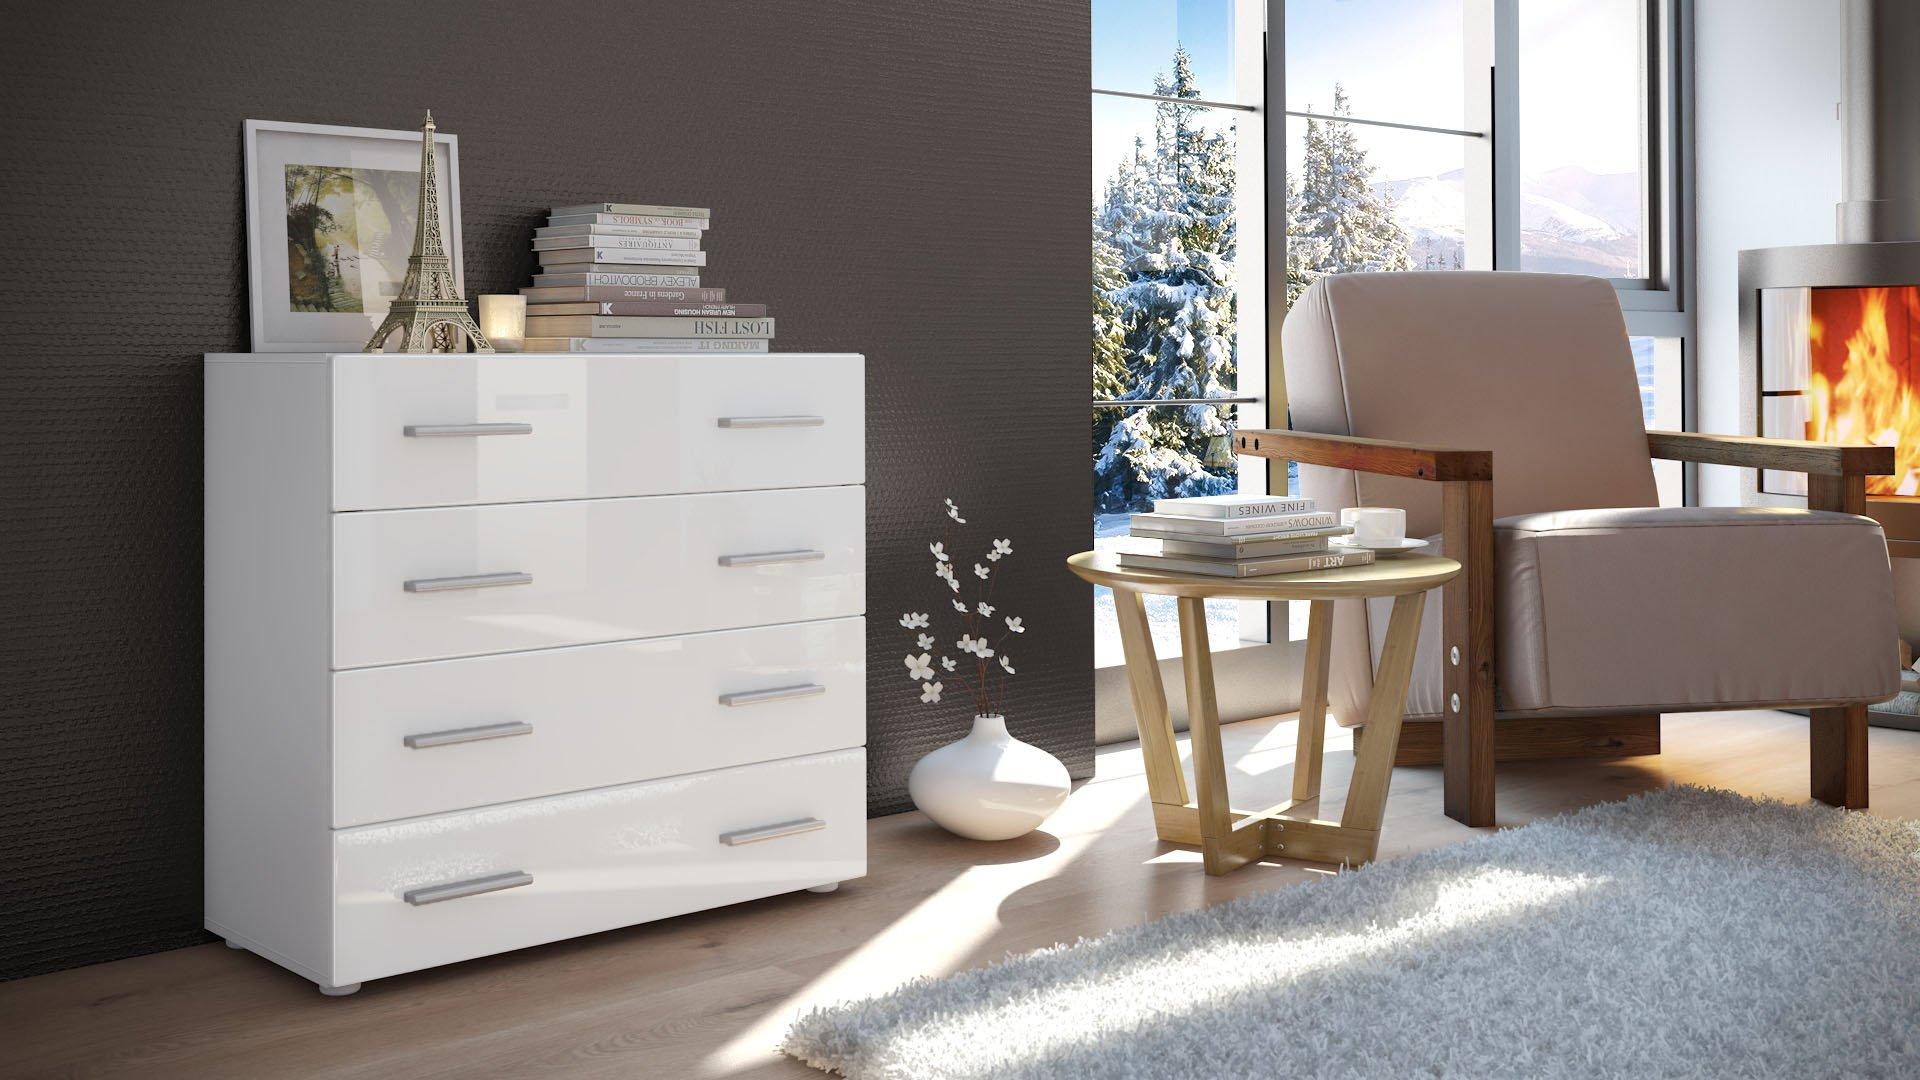 commode buffet pavos v1 v2 en blanc inspid co. Black Bedroom Furniture Sets. Home Design Ideas